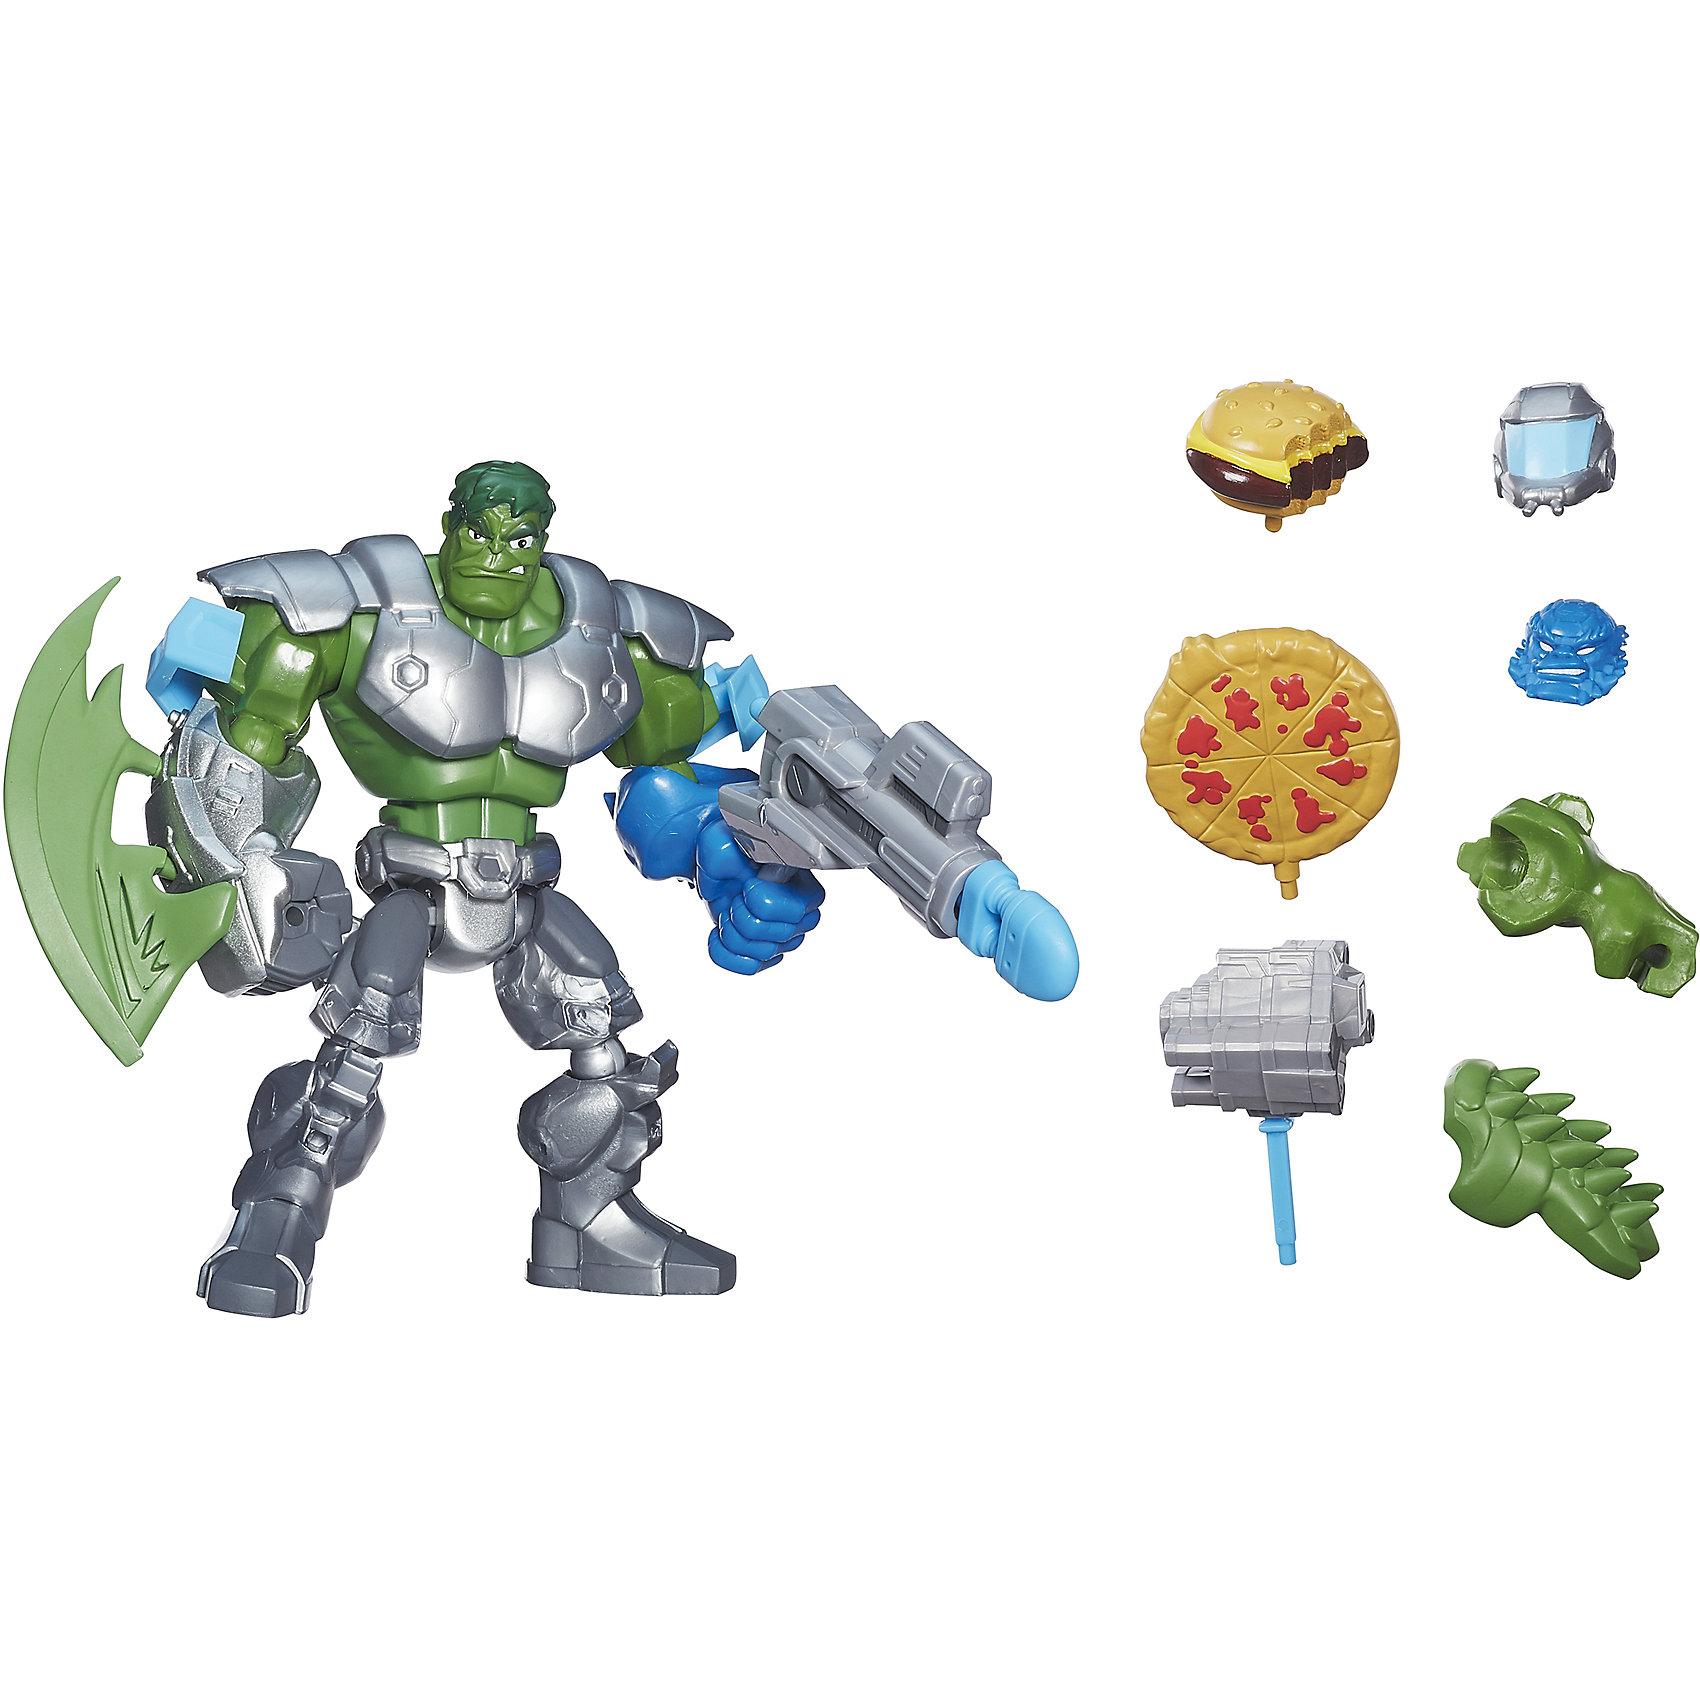 Hasbro Улучшенная разборная фигурка Марвел Халк, Hero Mashers фигурки игрушки hasbro набор микро фигурок марвел